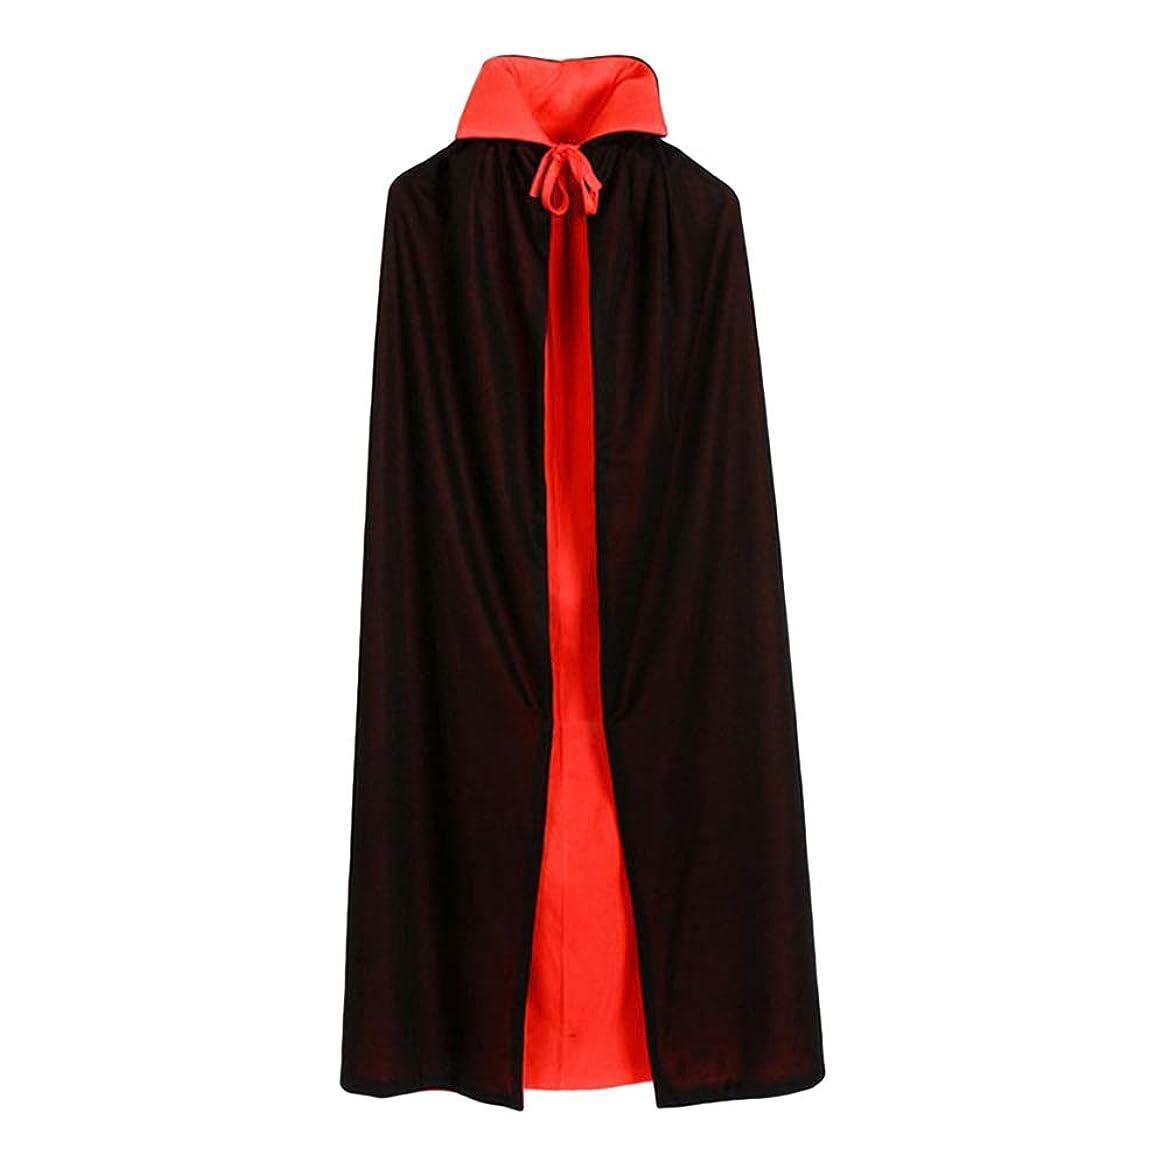 半円影響力のある力学Toyvian ヴァンパイアマント二重層黒と赤のフード付きマントヴァンパイアコスチュームコスプレケープは男の子と女の子のためにドレスアップ(90cmストレートカラーダブルマント)